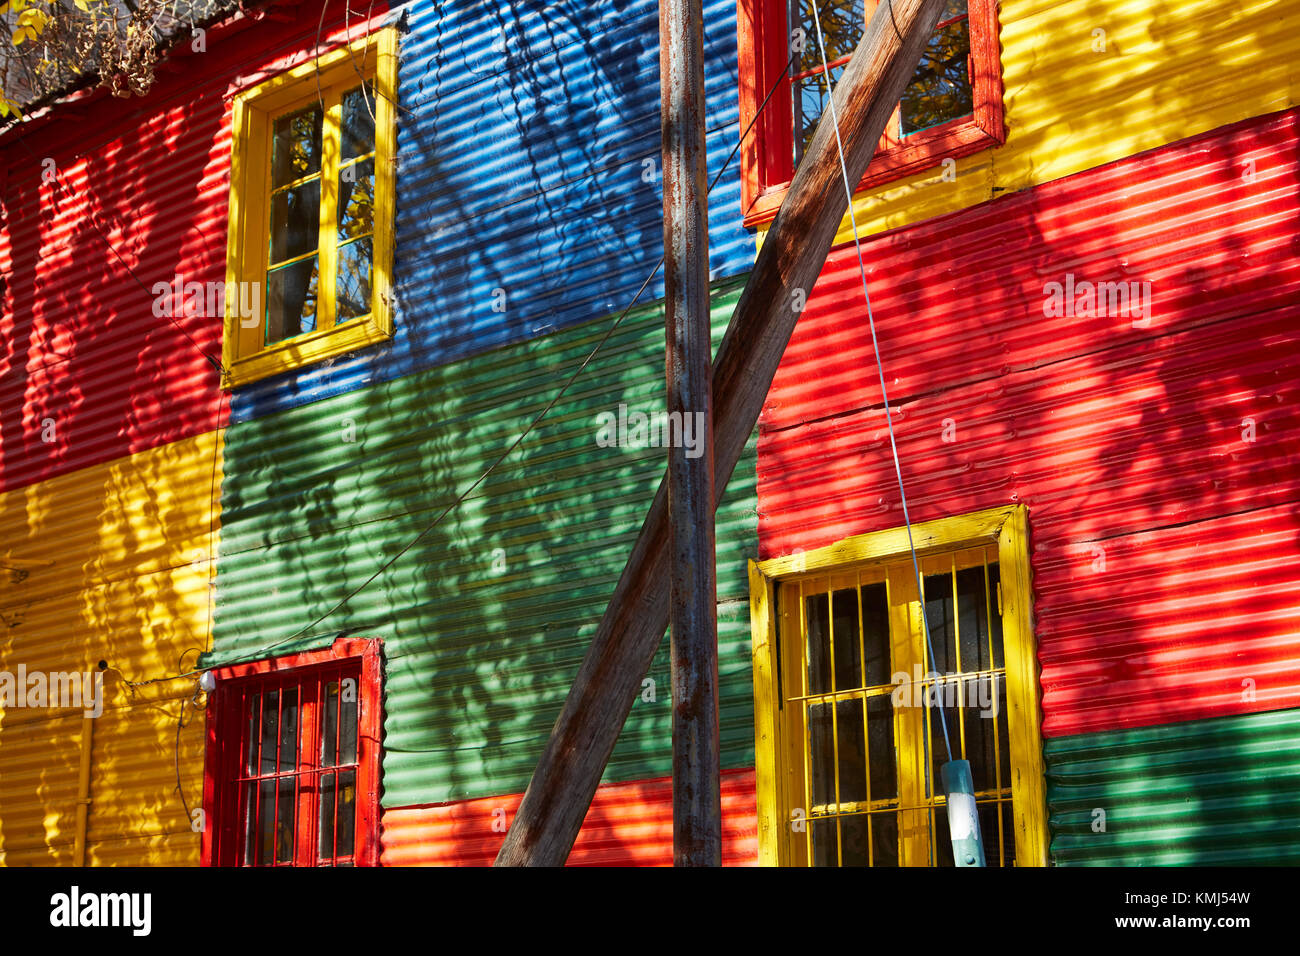 Coloridos edificios de hierro corrugado, La Boca, Buenos Aires, Argentina, Sudamérica Imagen De Stock